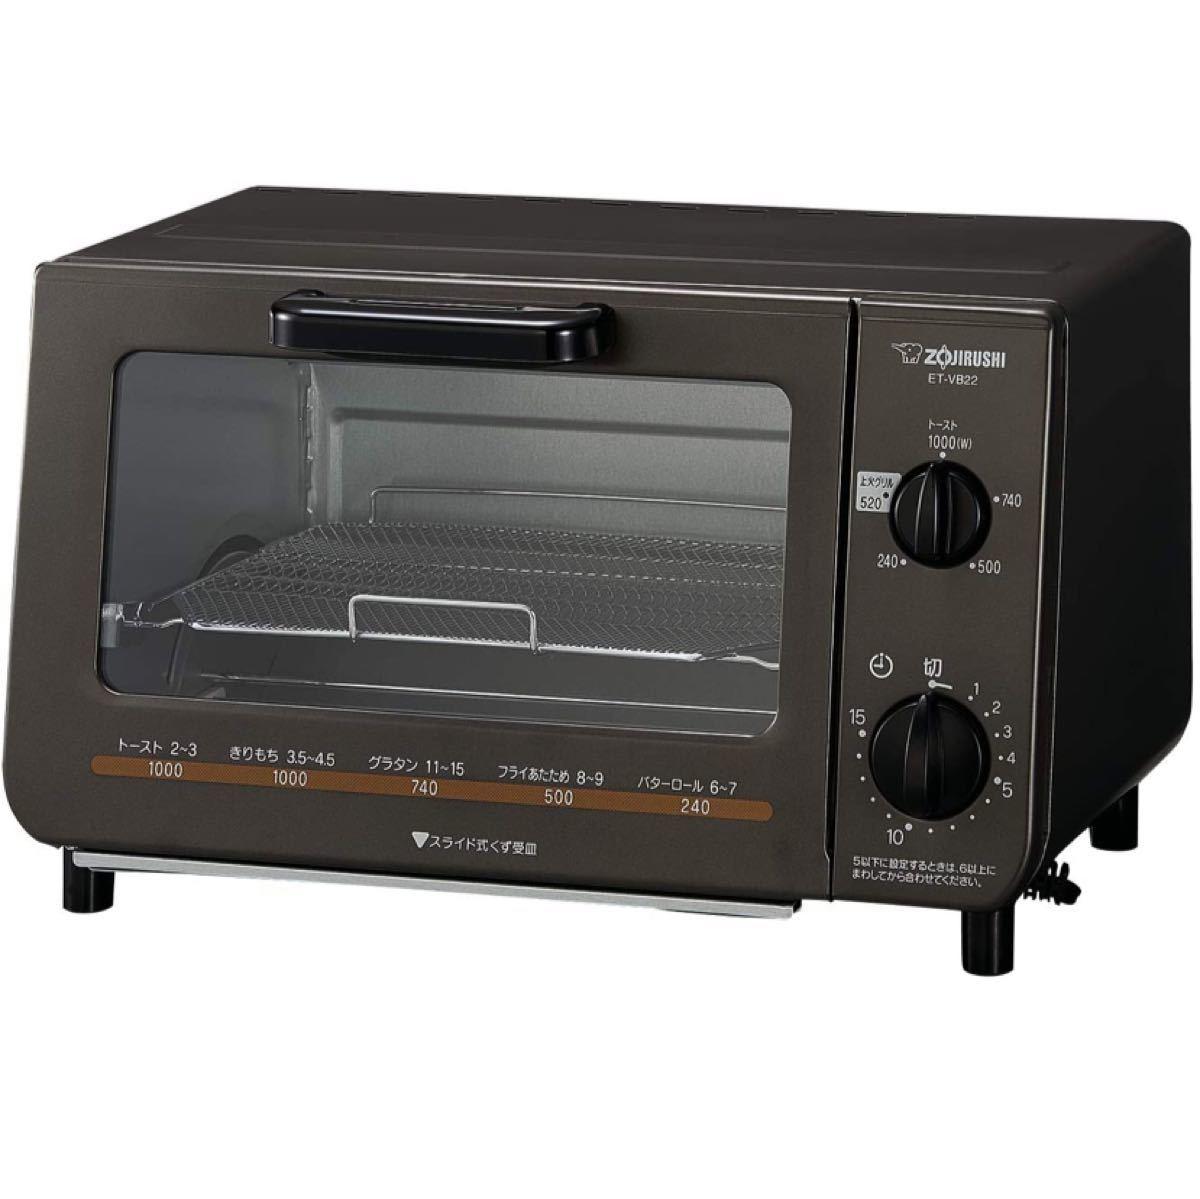 オーブントースター 象印オーブントースター ET-VB22 ZOJIRUSHI 象印 こんがり倶楽部